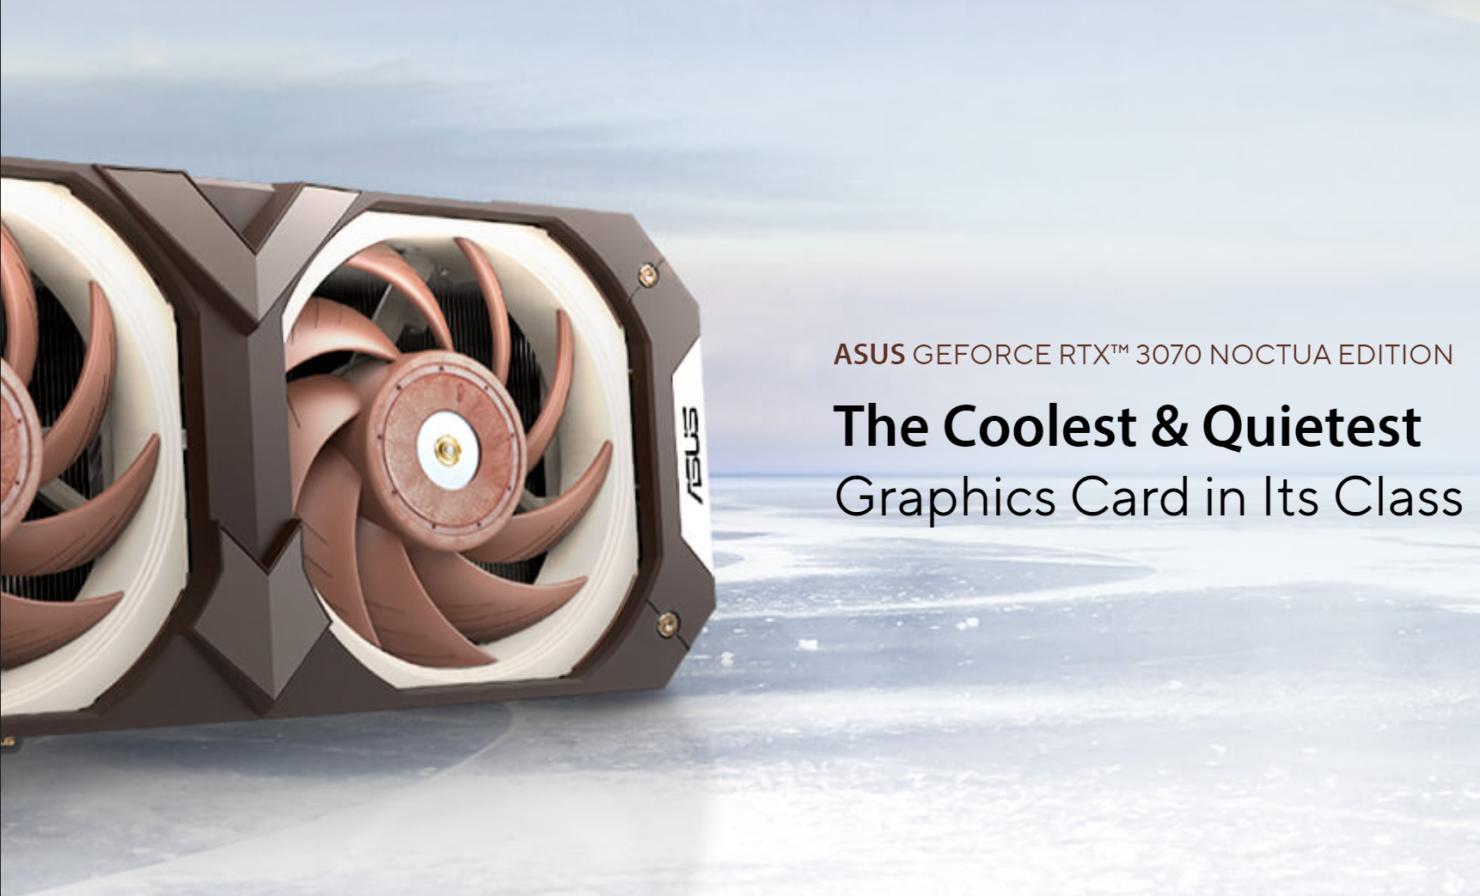 ASUS & Noctua Collaborate On ASUSGeForce RTX 3070 Noctua OC Edition Graphics Card